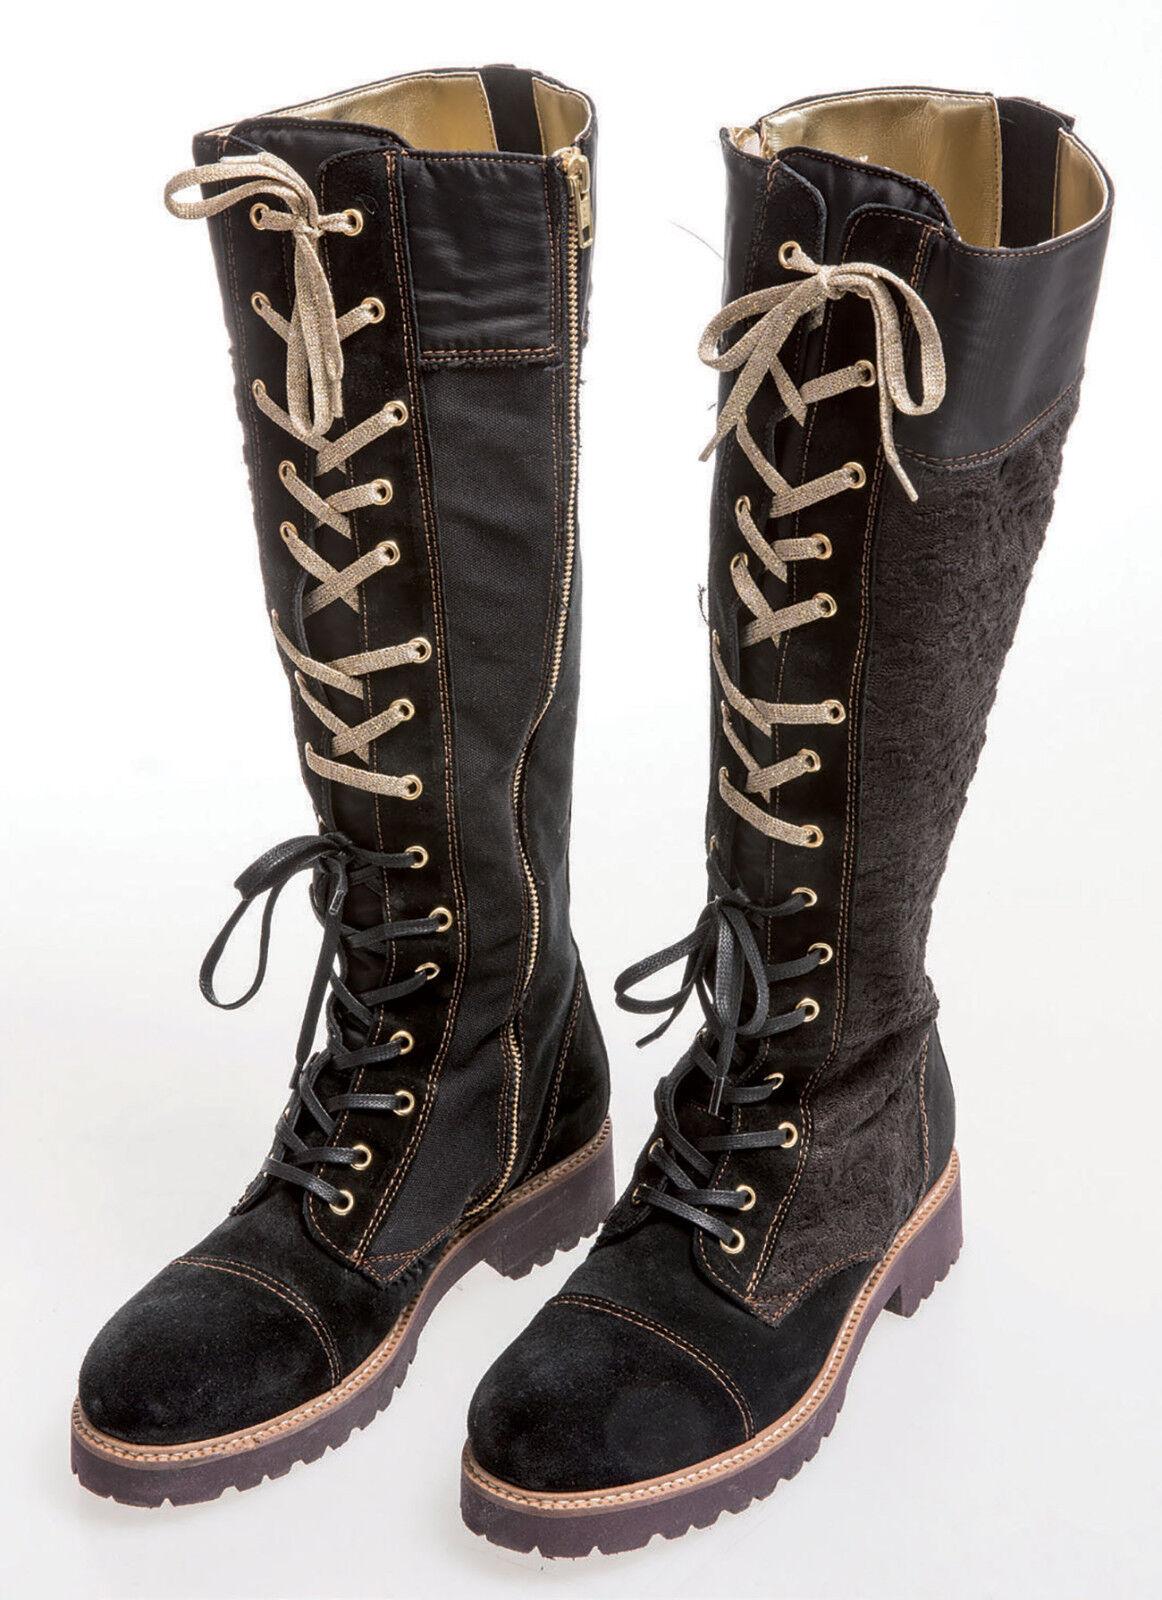 ELISA CAVALETTI Stiefel/Boots/Bikerschuhe Nero Gr. 40 *ECHTLEDER*